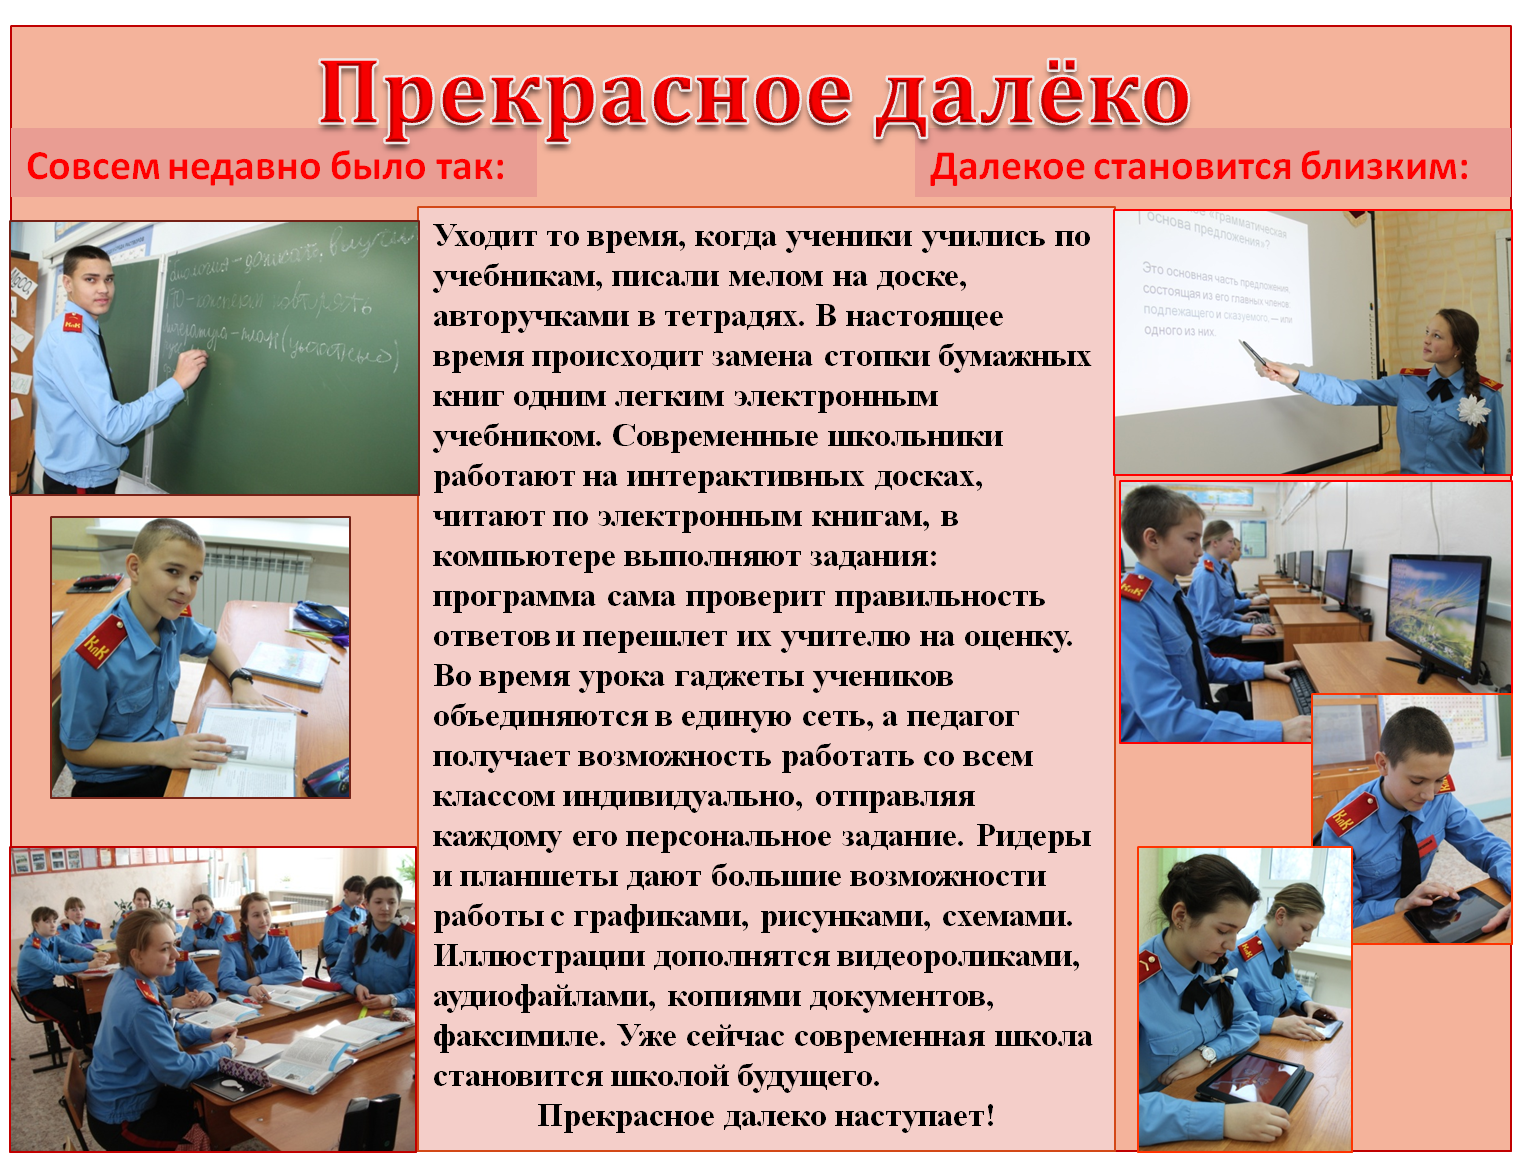 C:\Users\User\Desktop\школа\Школа будущего.png